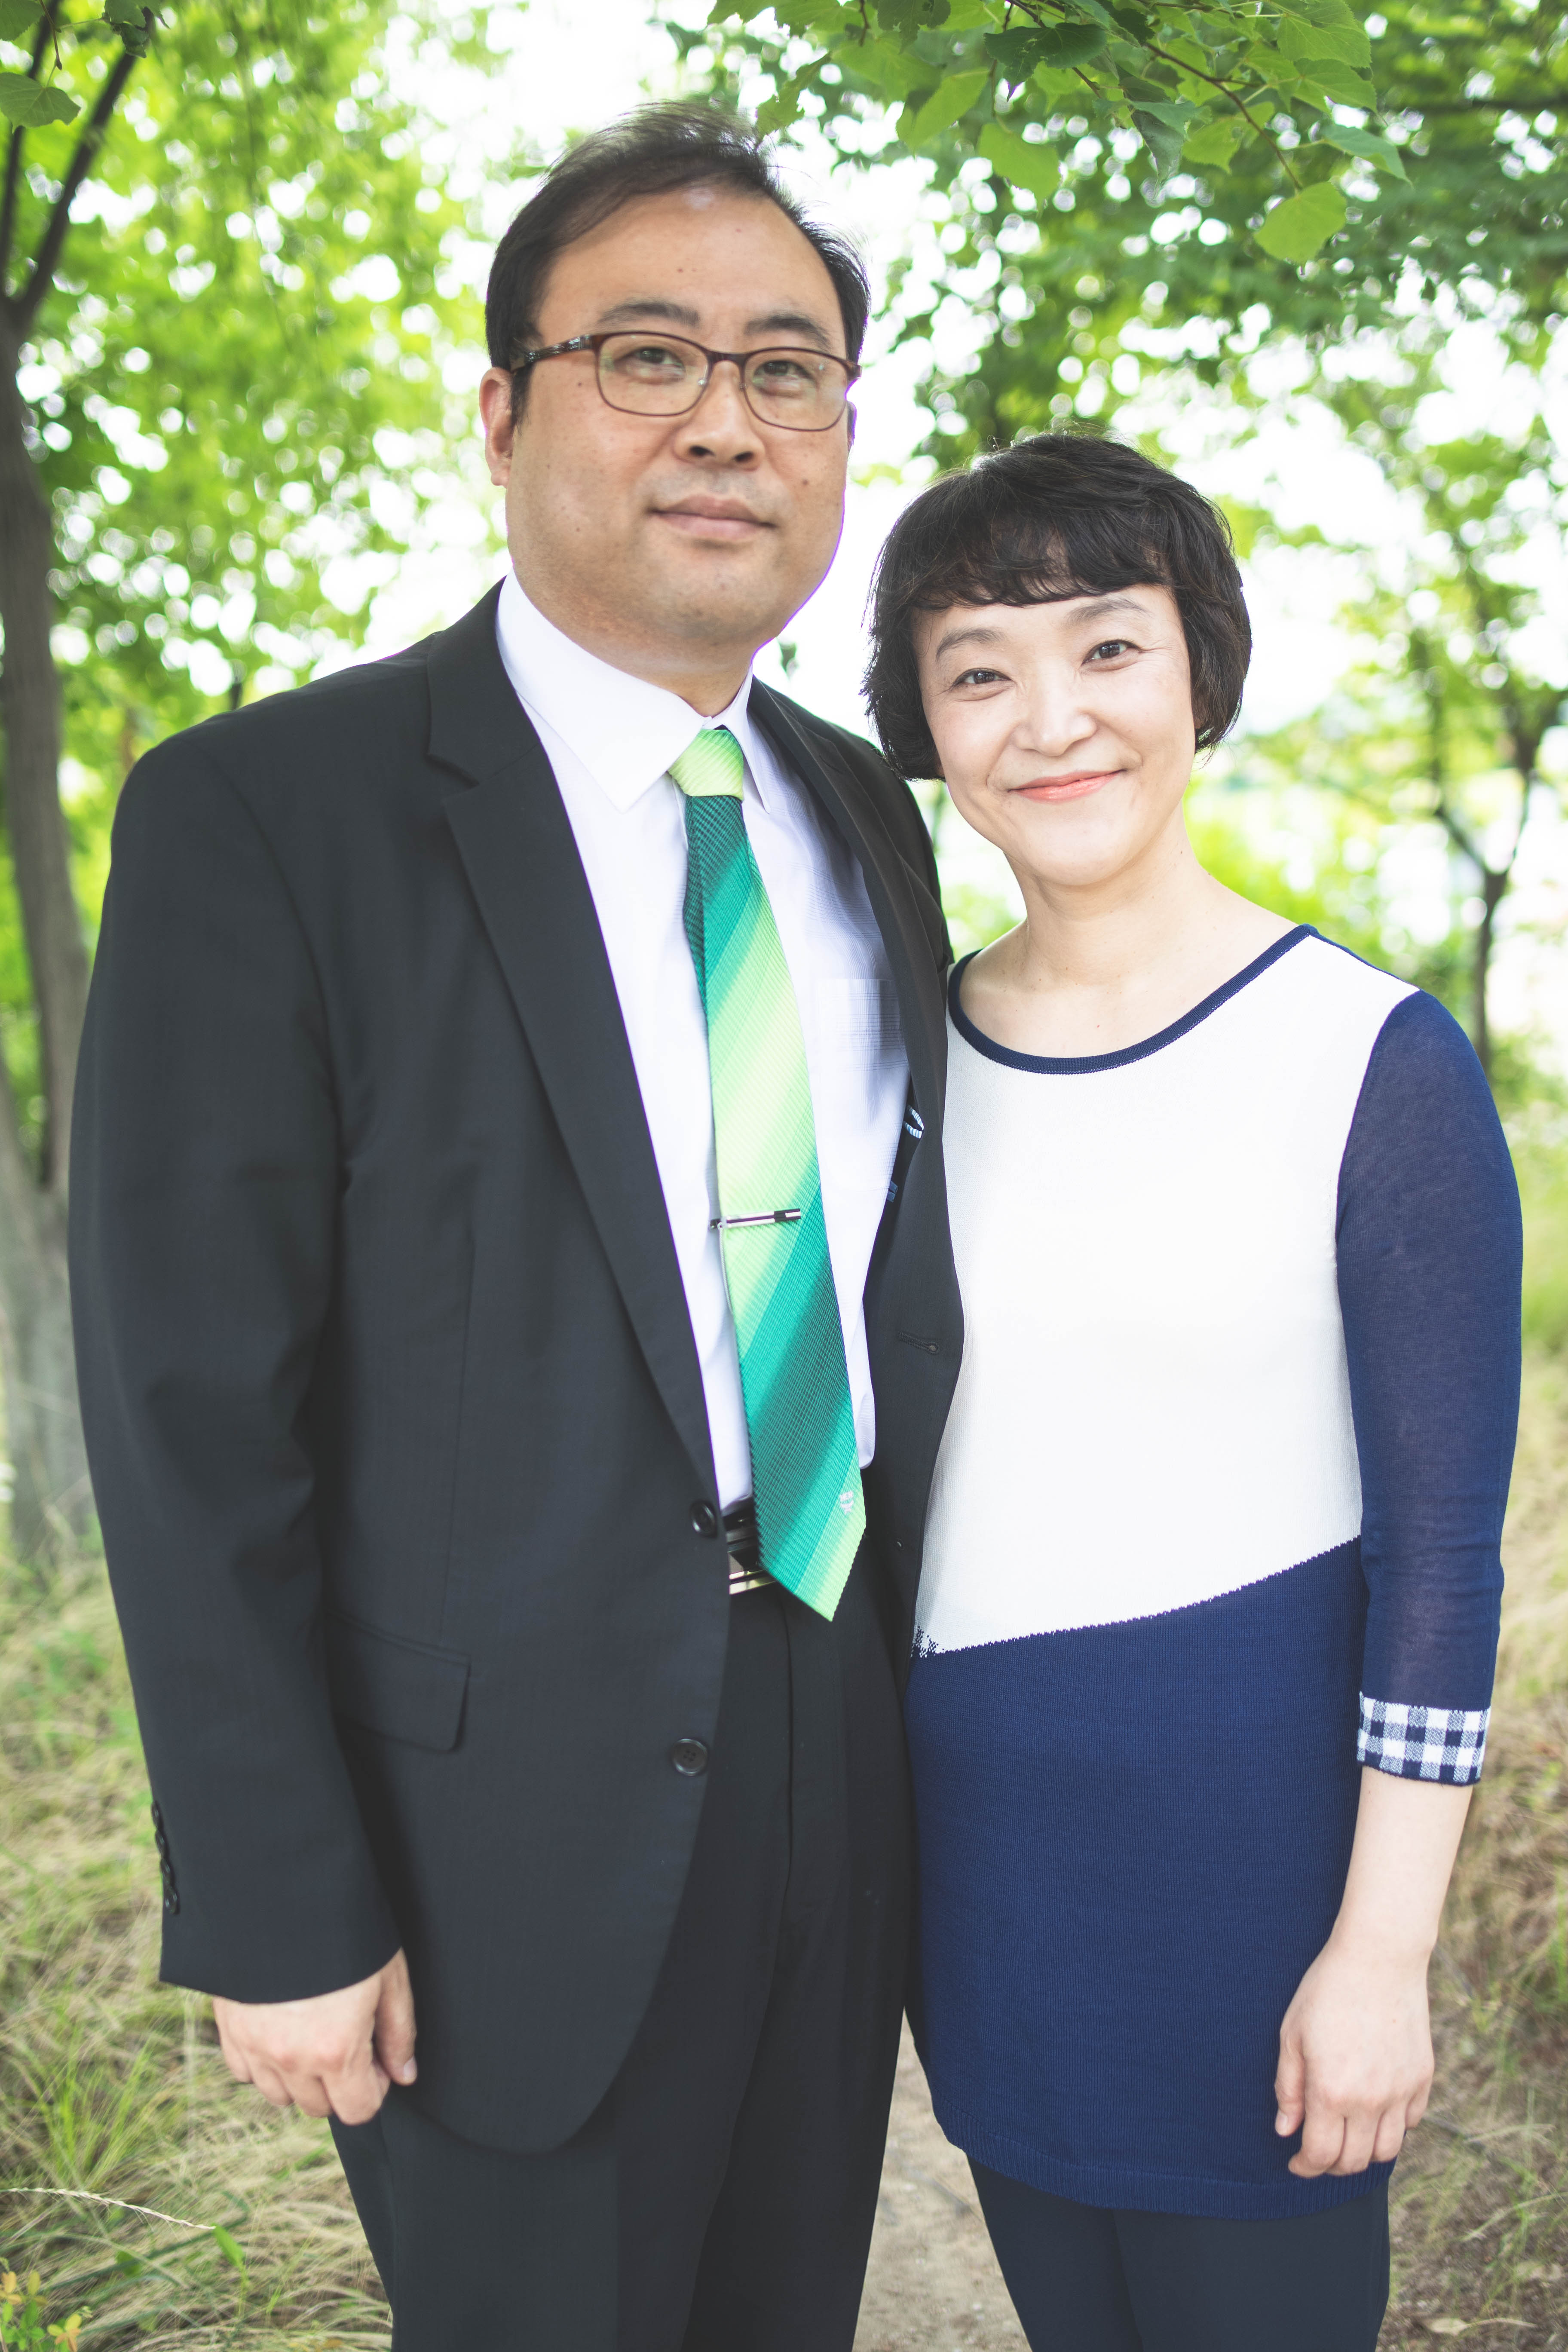 Jooyoung Hong / Meeho Yoon